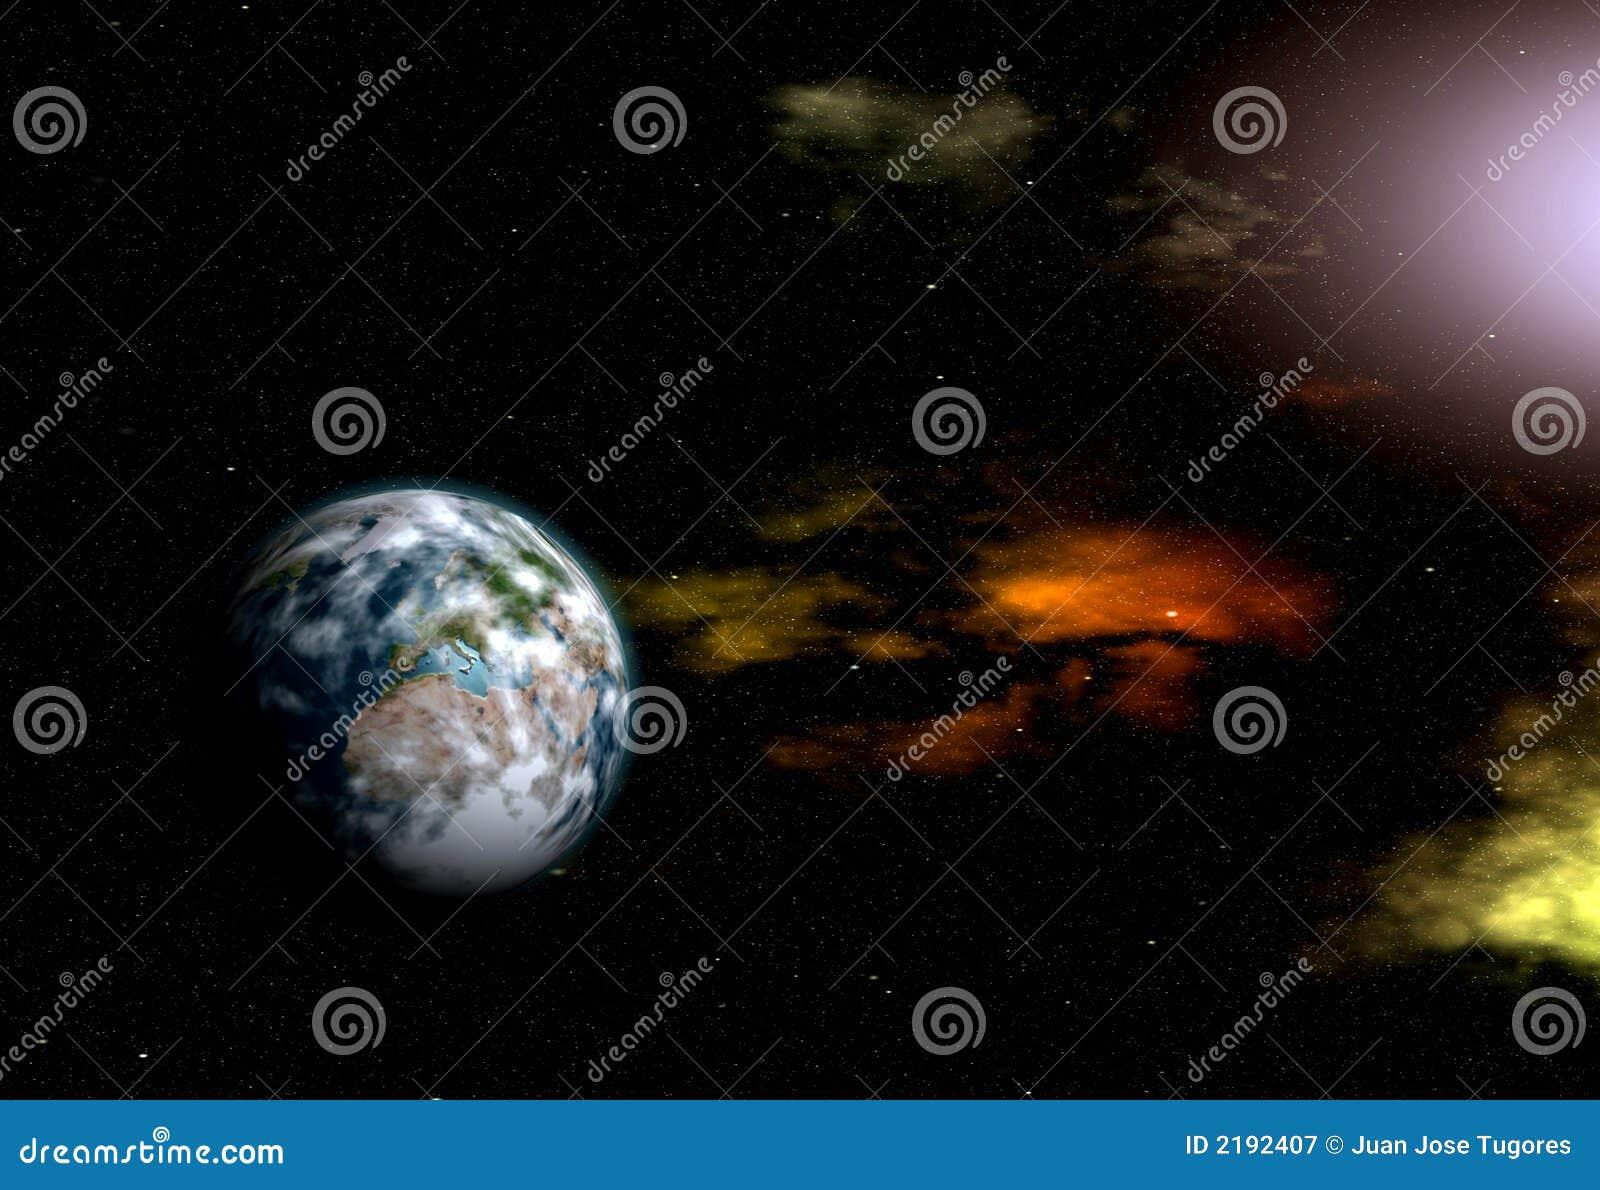 Ilustração Gratis Espaço Todos Os Universo Cosmos: Planeta No Universo Ilustração Stock. Ilustração De